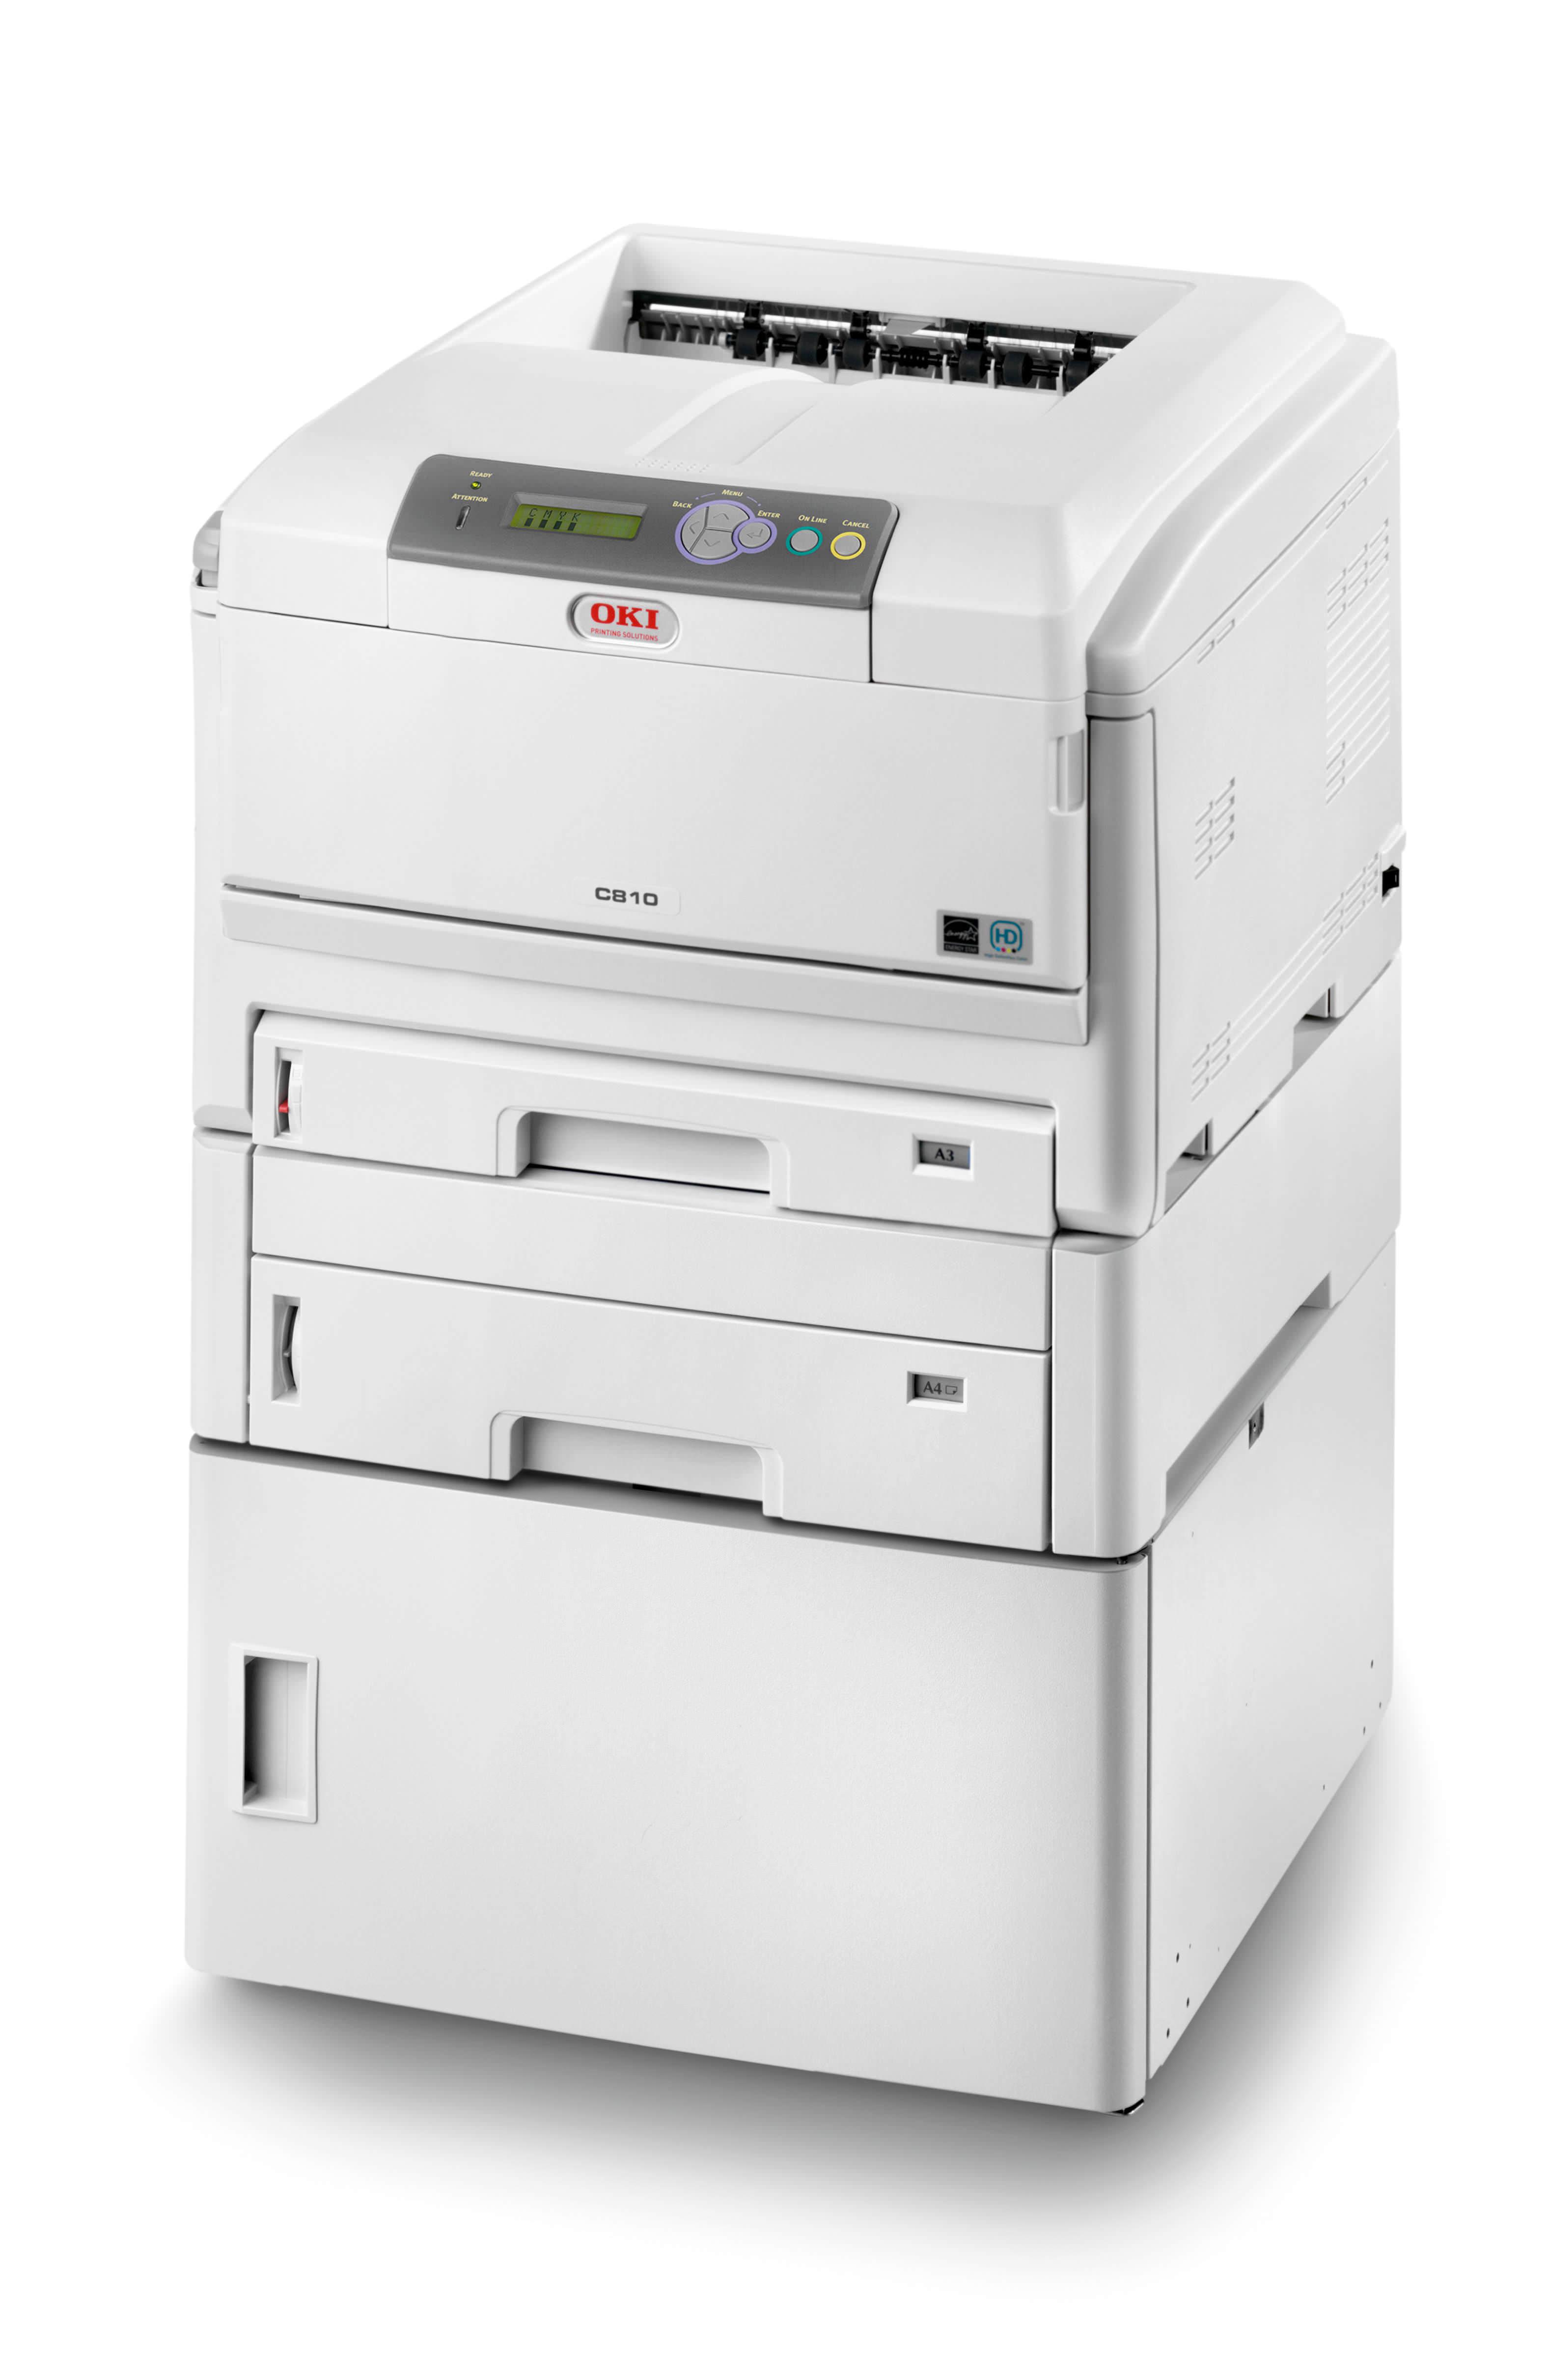 Impresoras laser a3 for Impresoras para oficina